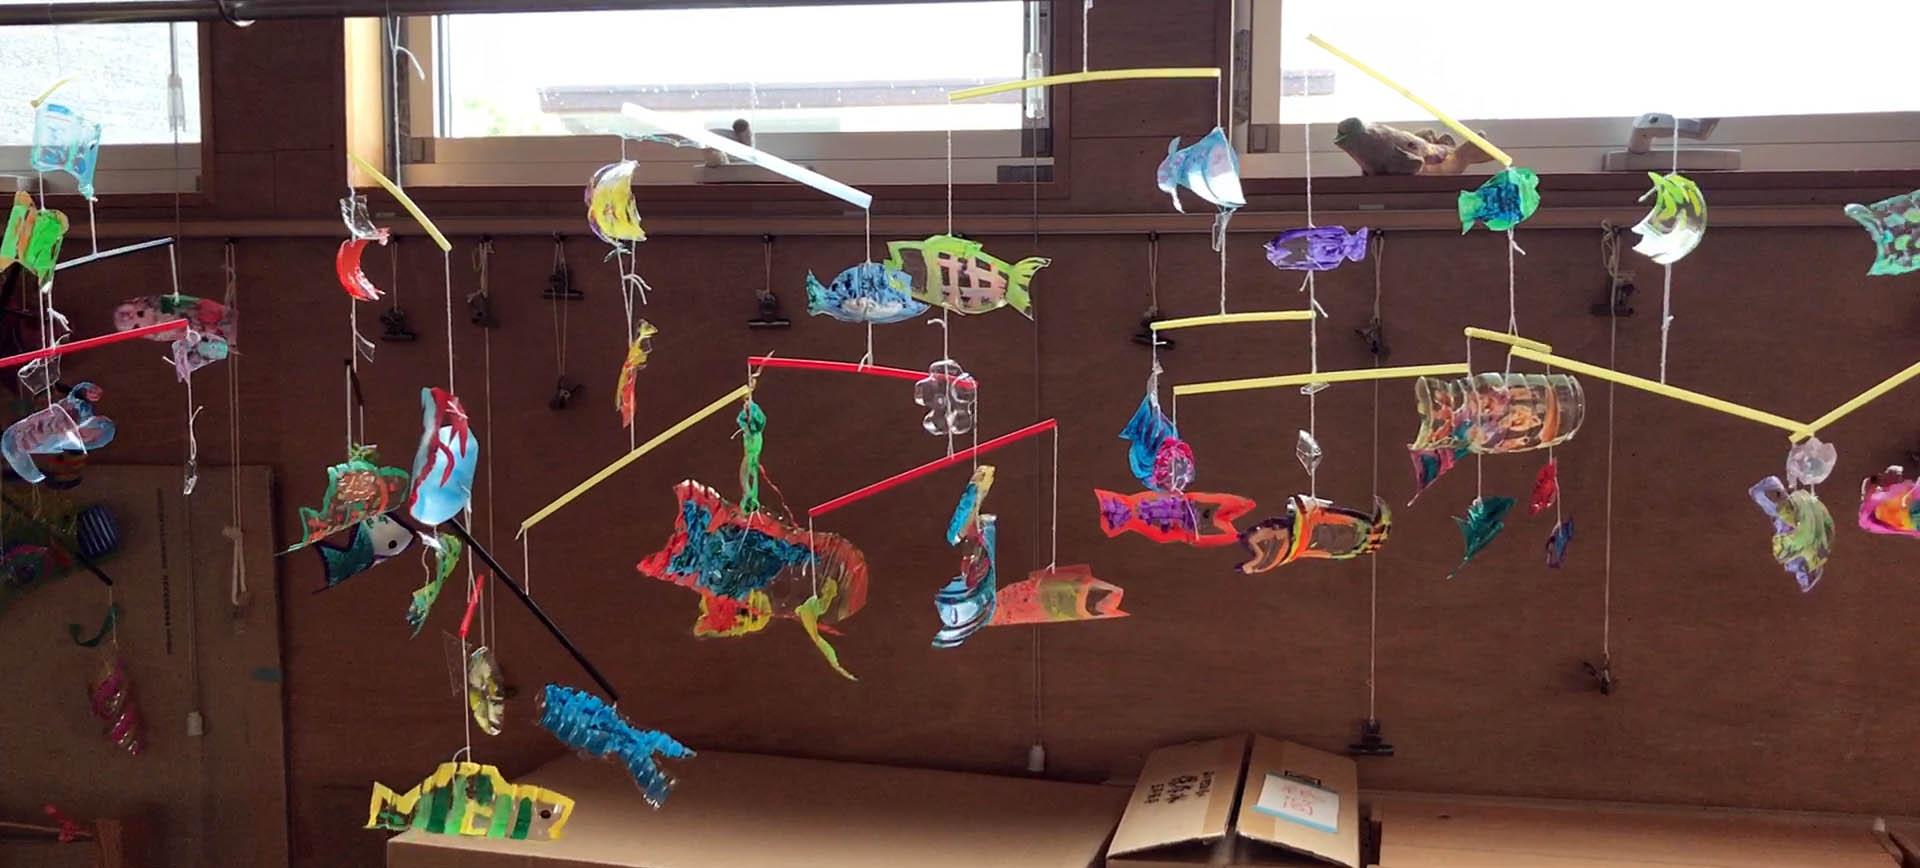 熱帯魚空中遊泳